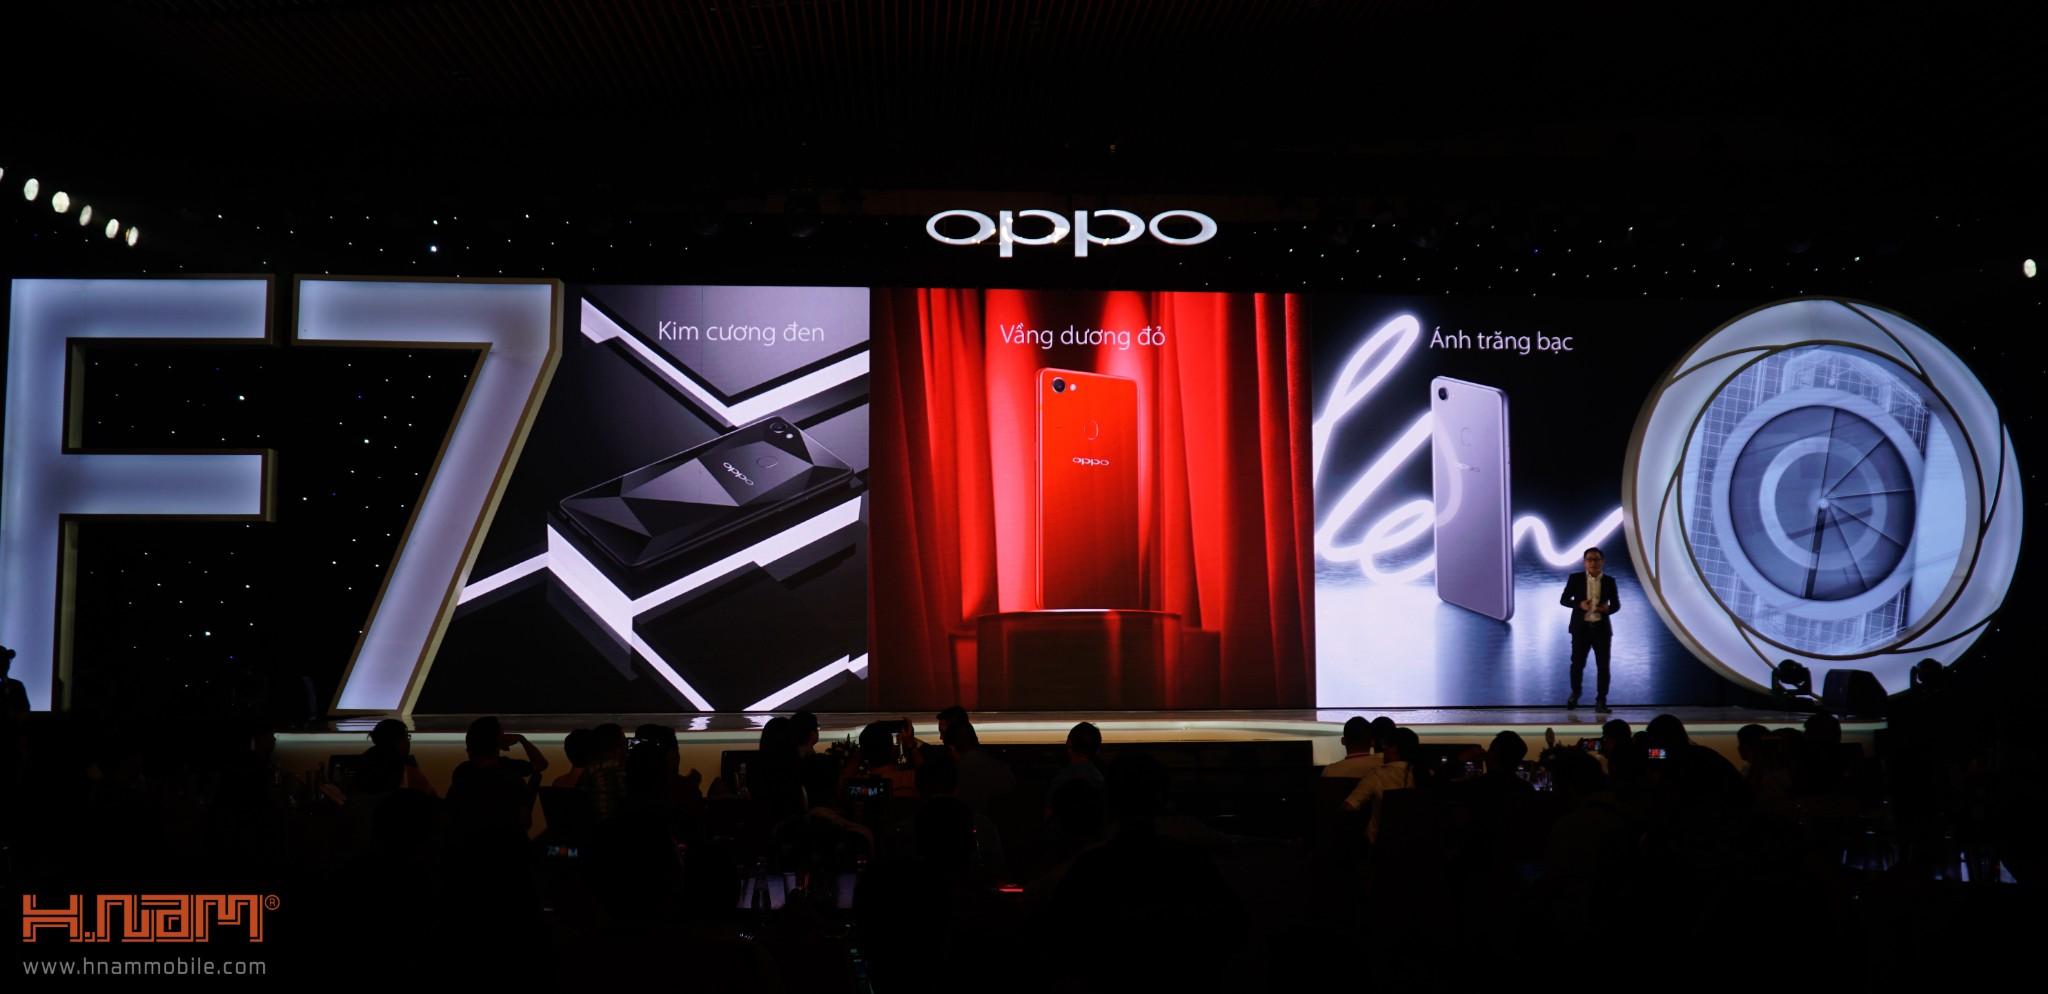 Oppo chính thức ra mắt Oppo F7 tai Việt Nam với giá bán cực kỳ hấp dẫn hình 9